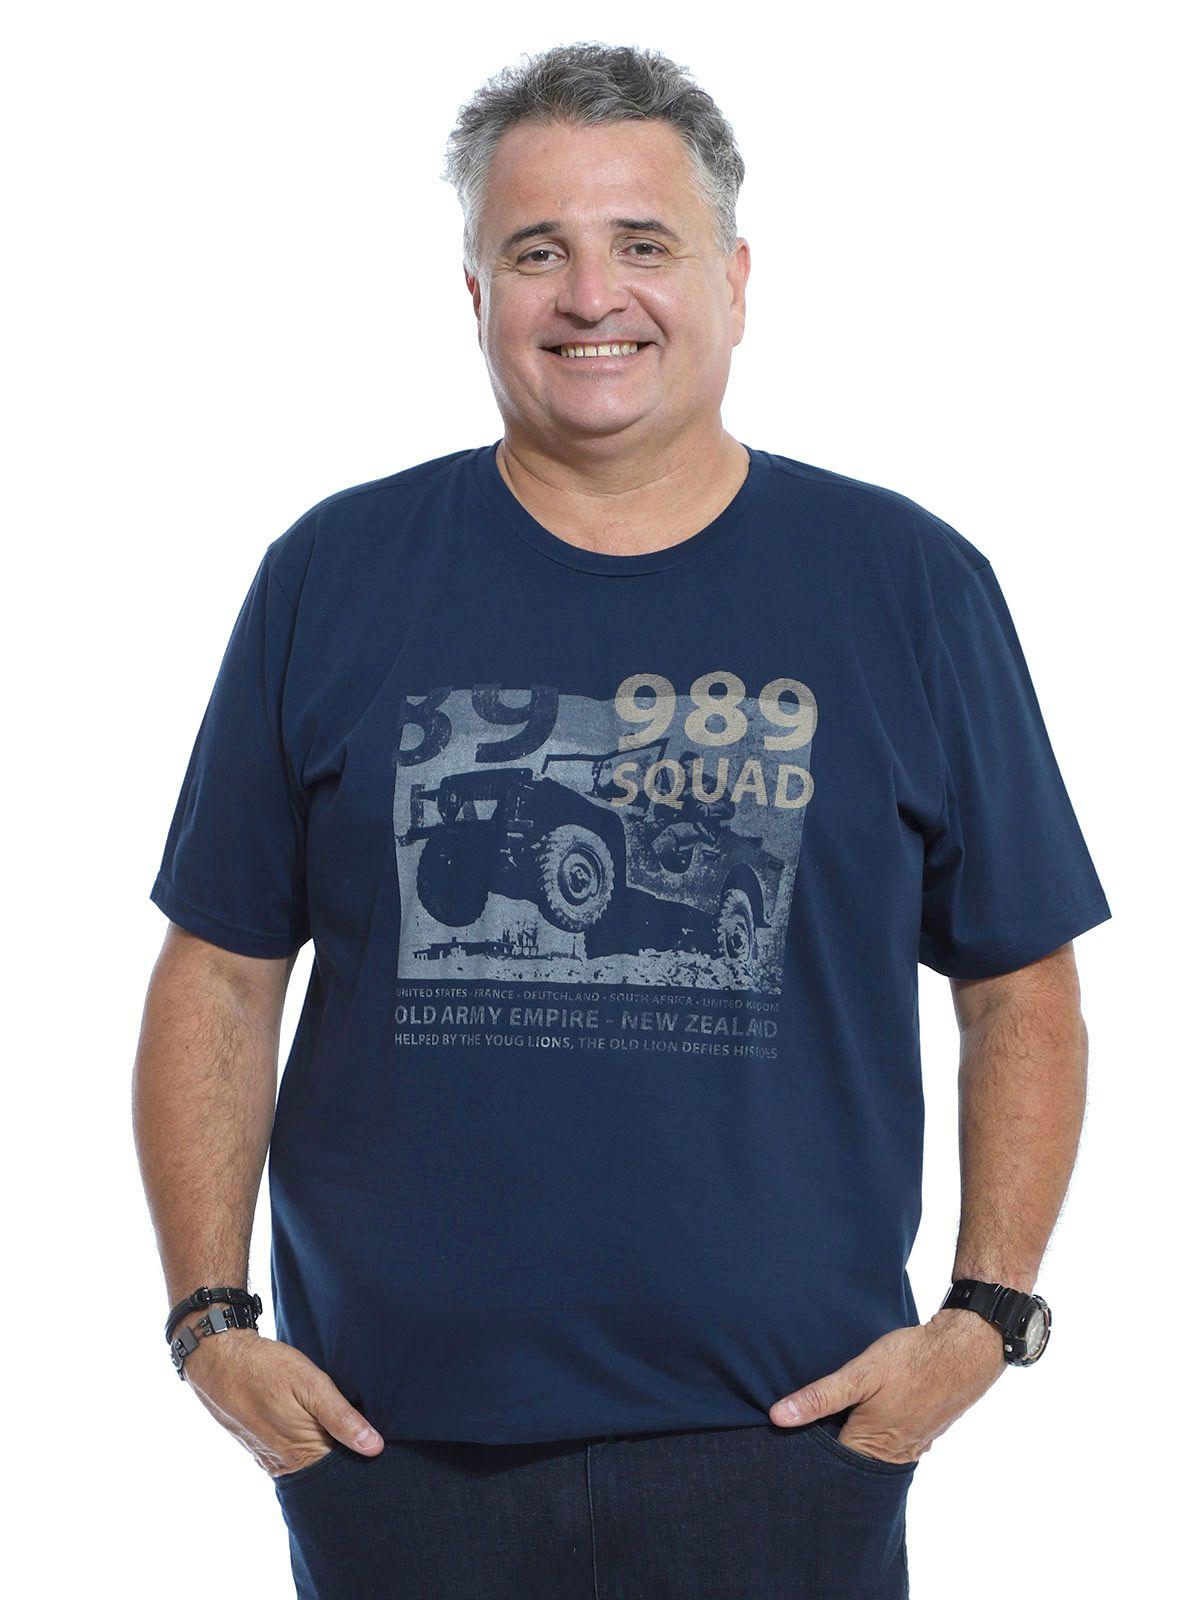 Camiseta Plus Size Masculina Manga Curta Estampa Army Marinho